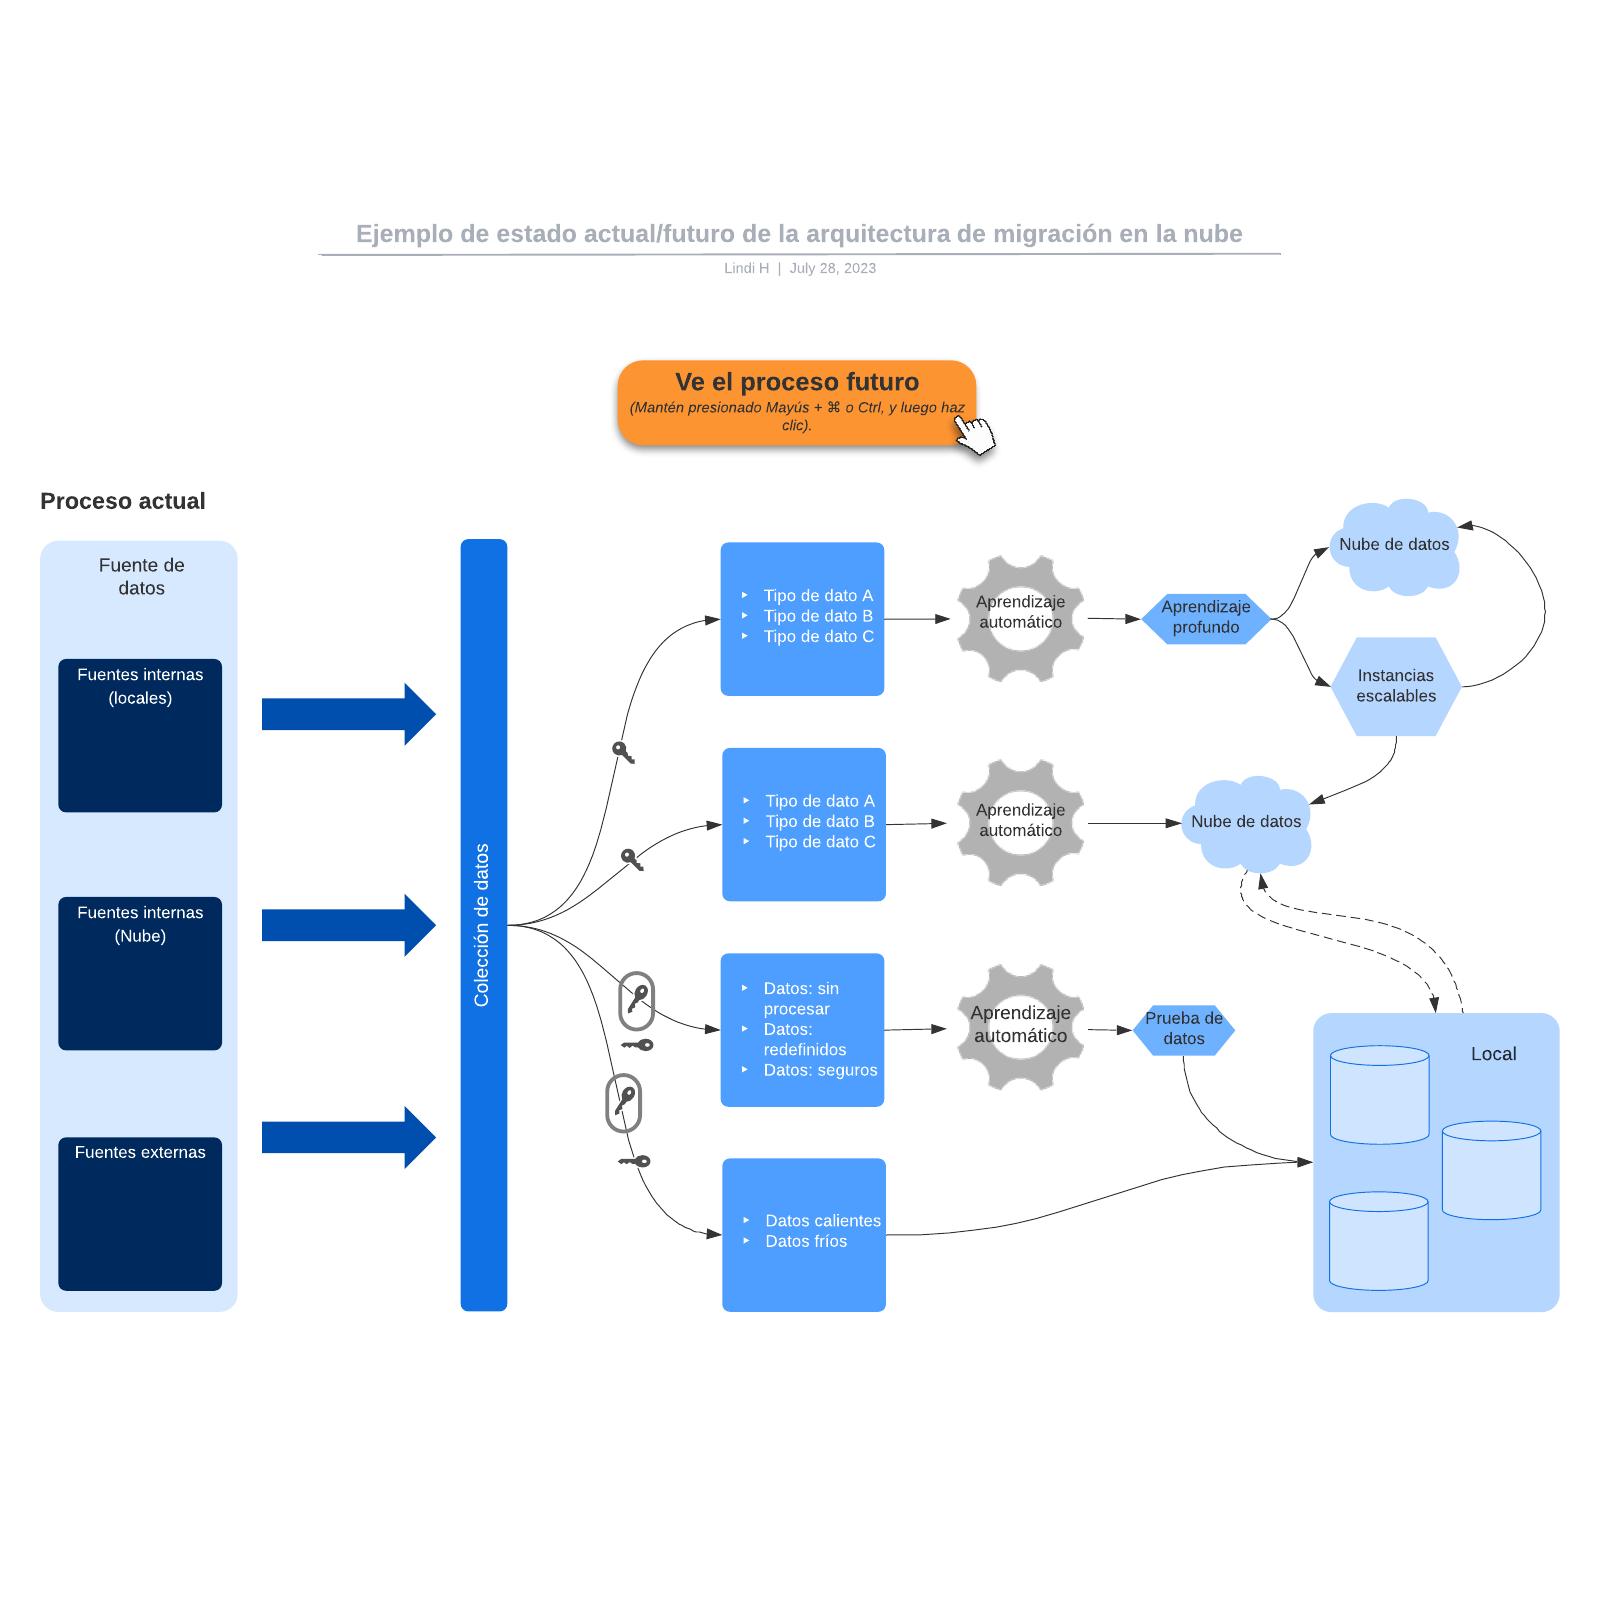 Ejemplo de estado actual/futuro de la arquitectura de migración en la nube